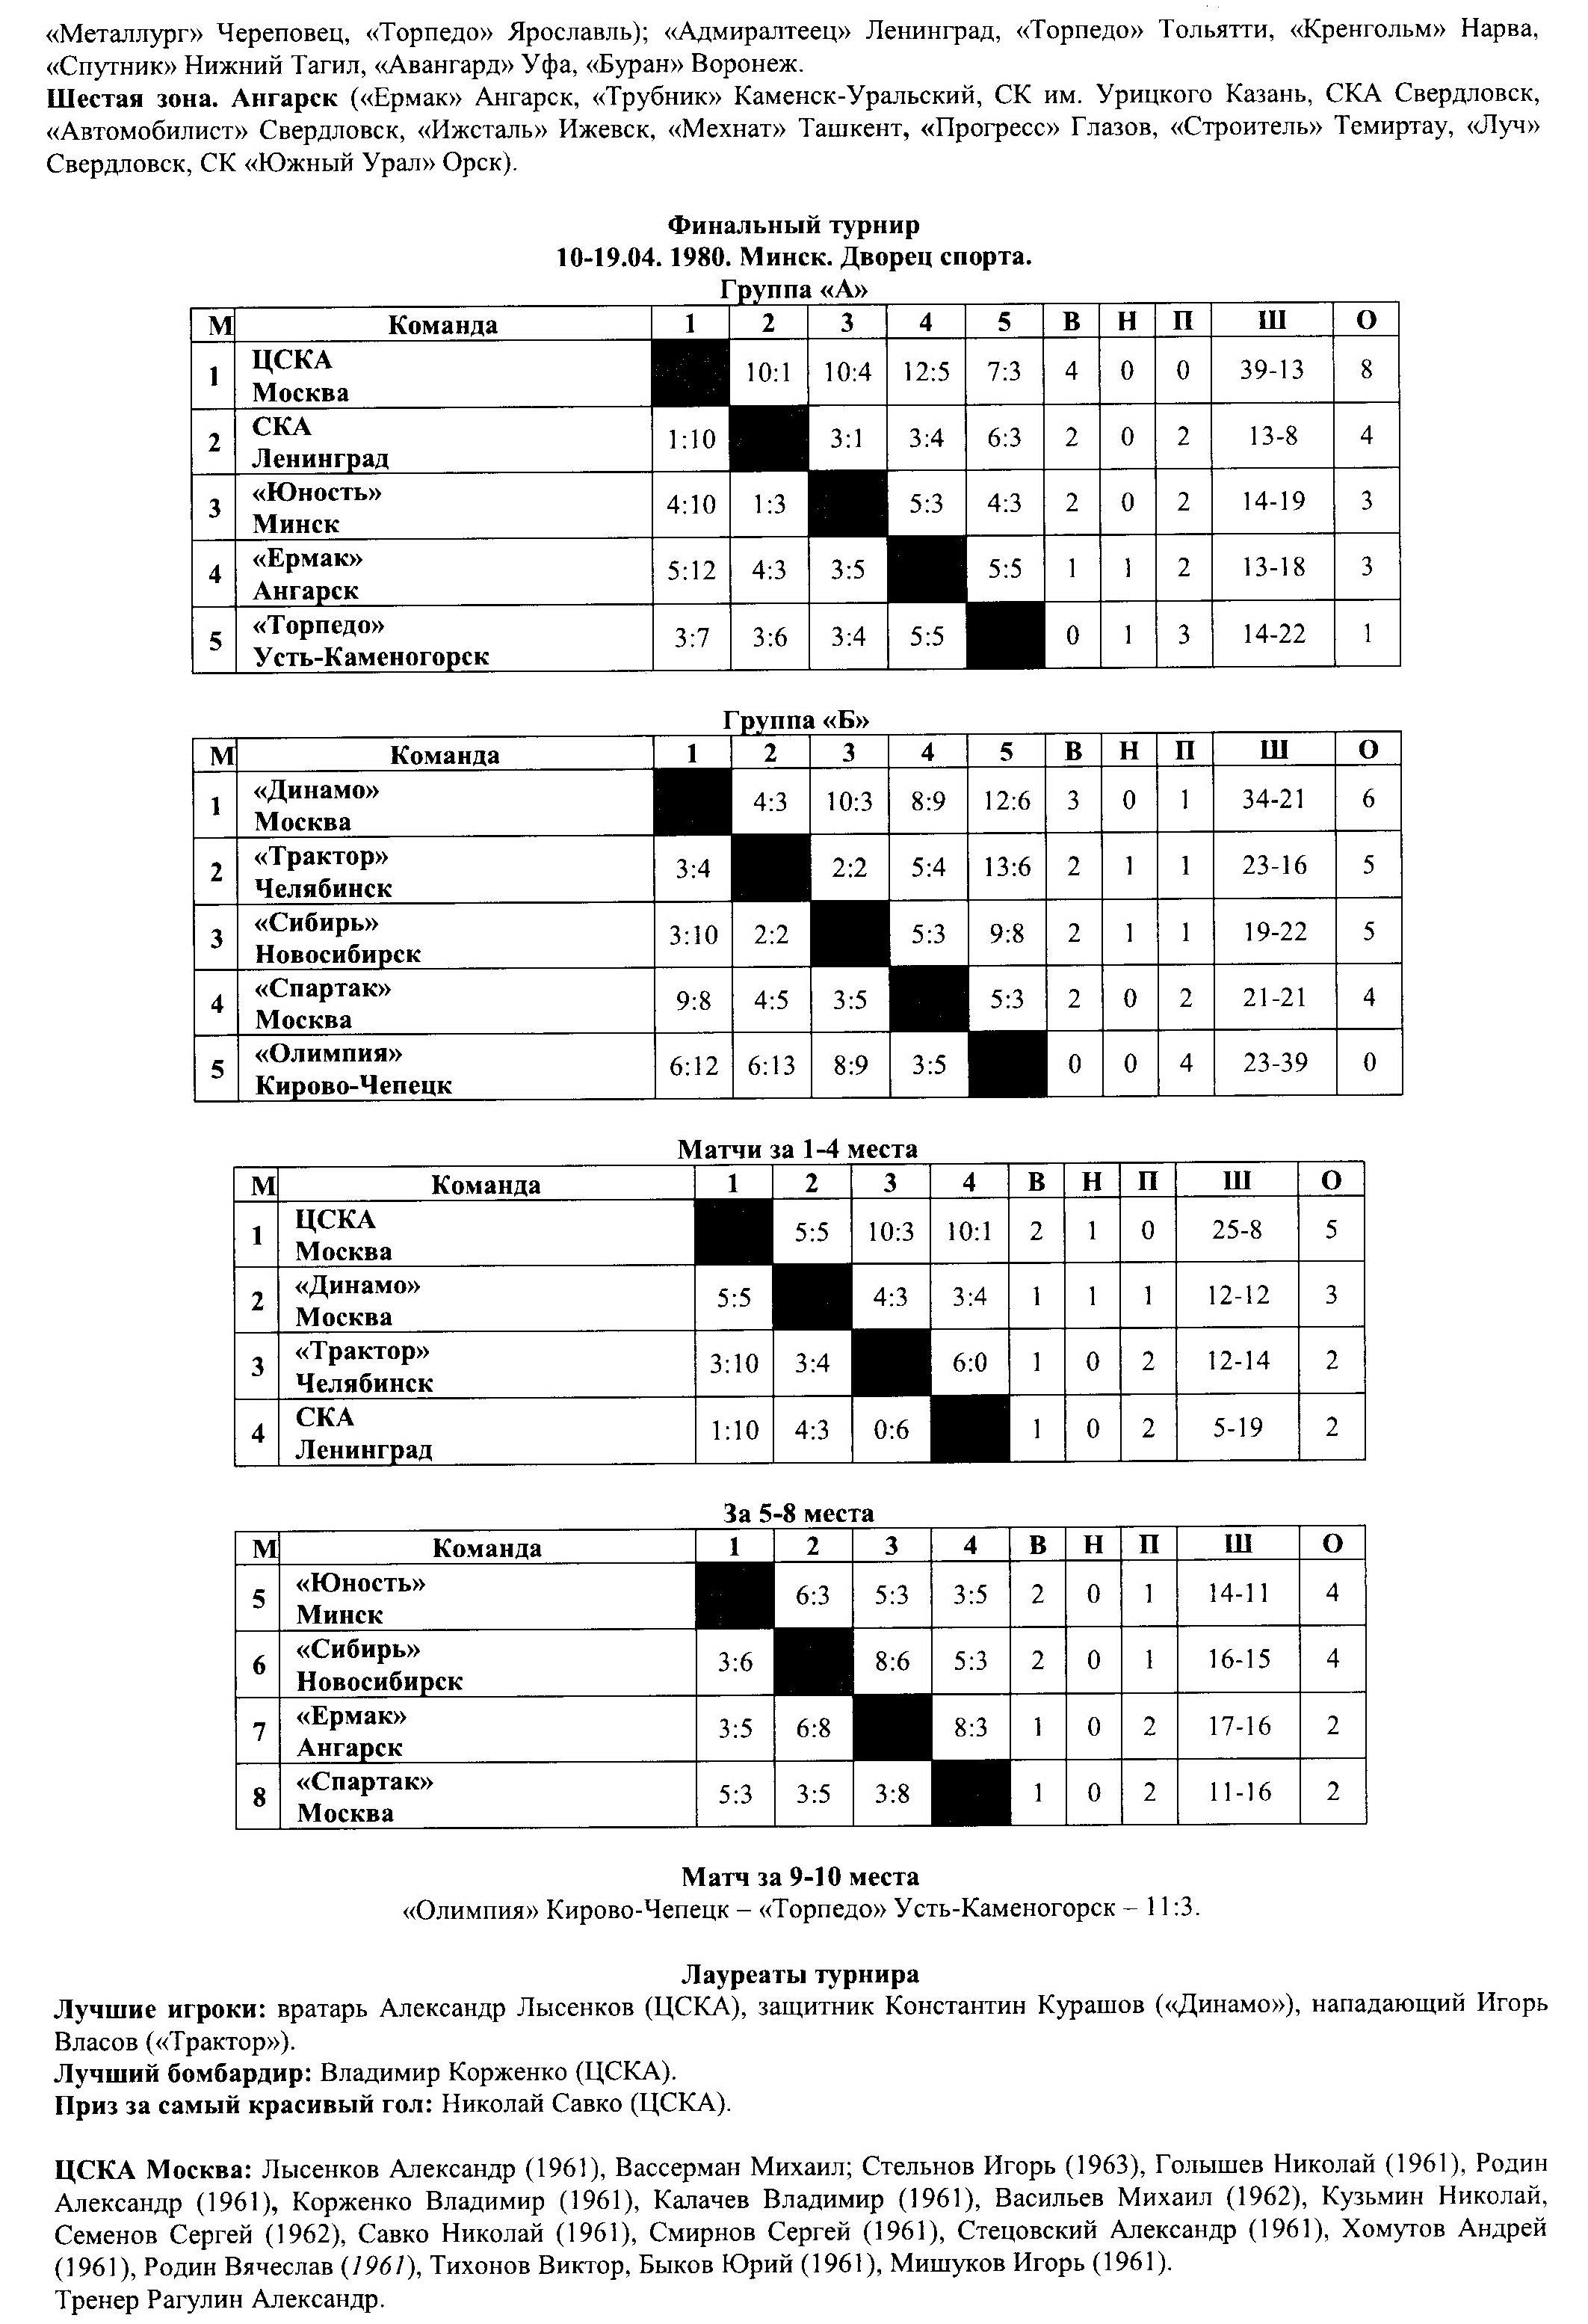 80-1 (2).jpg